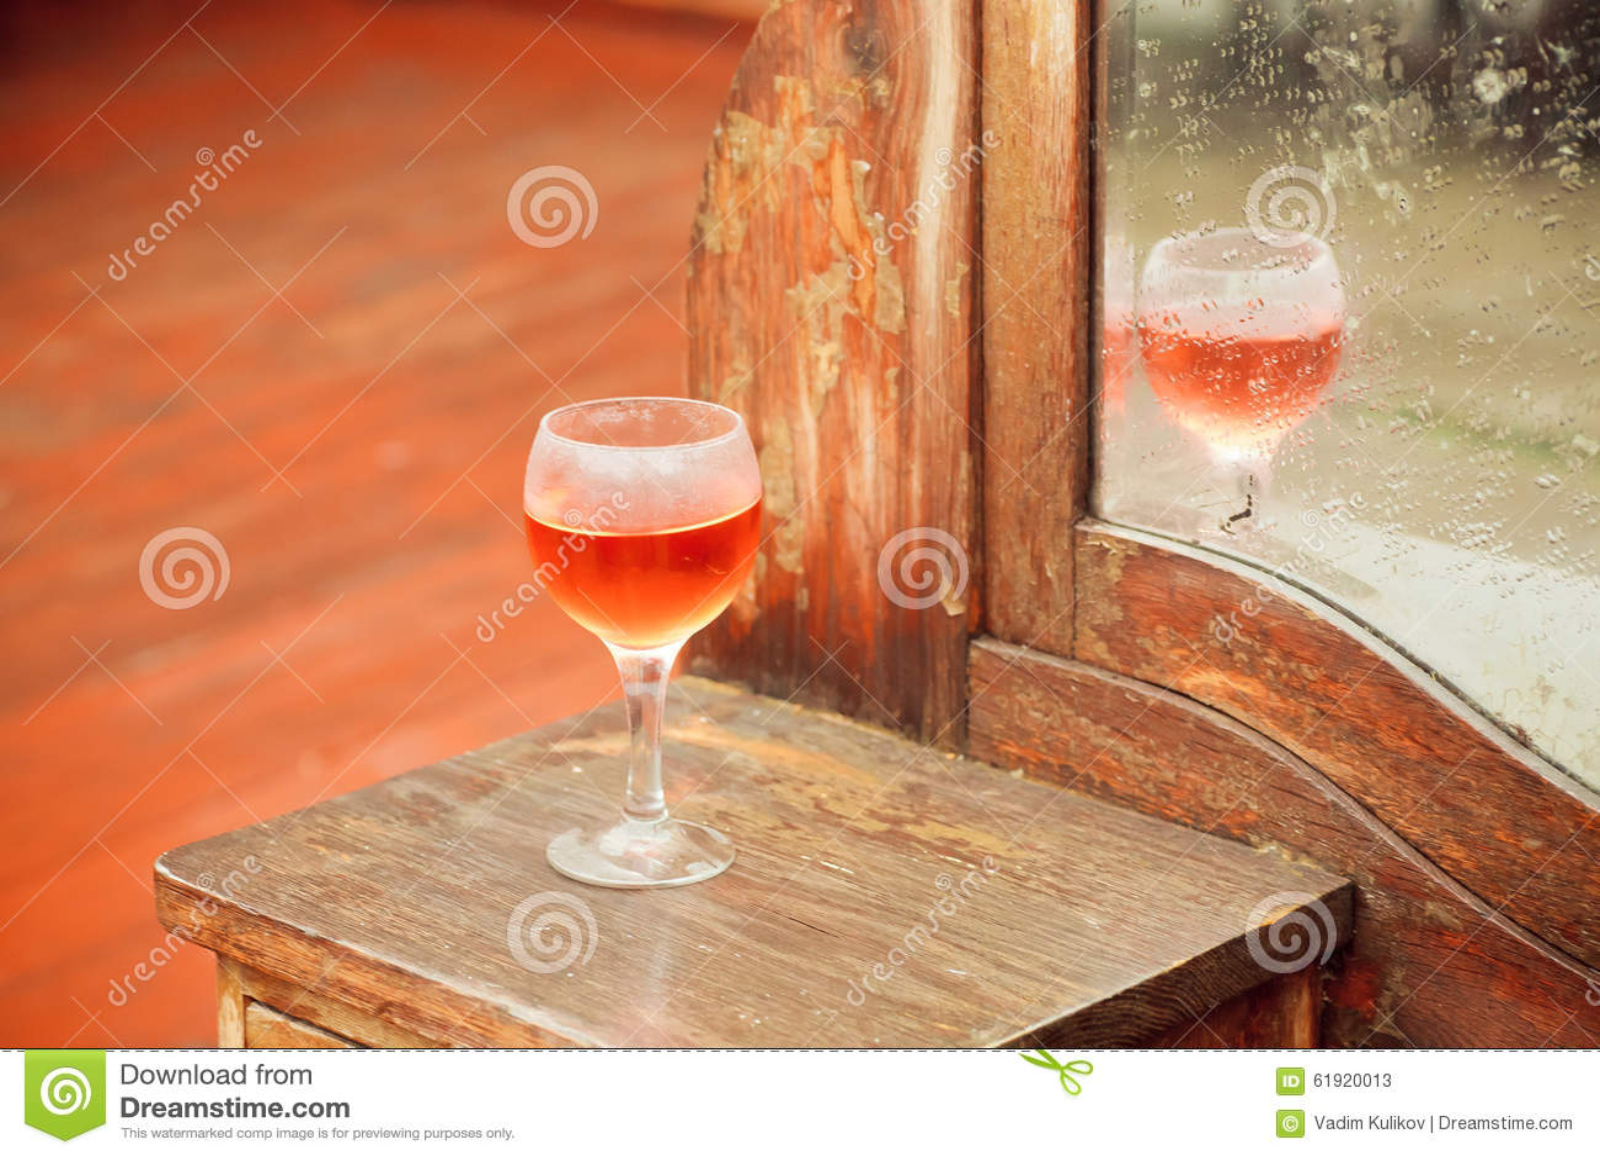 Foco Selectivo Sobre El Vidrio De Vino Y De Muebles Del Vintage  # Muebles El Foco